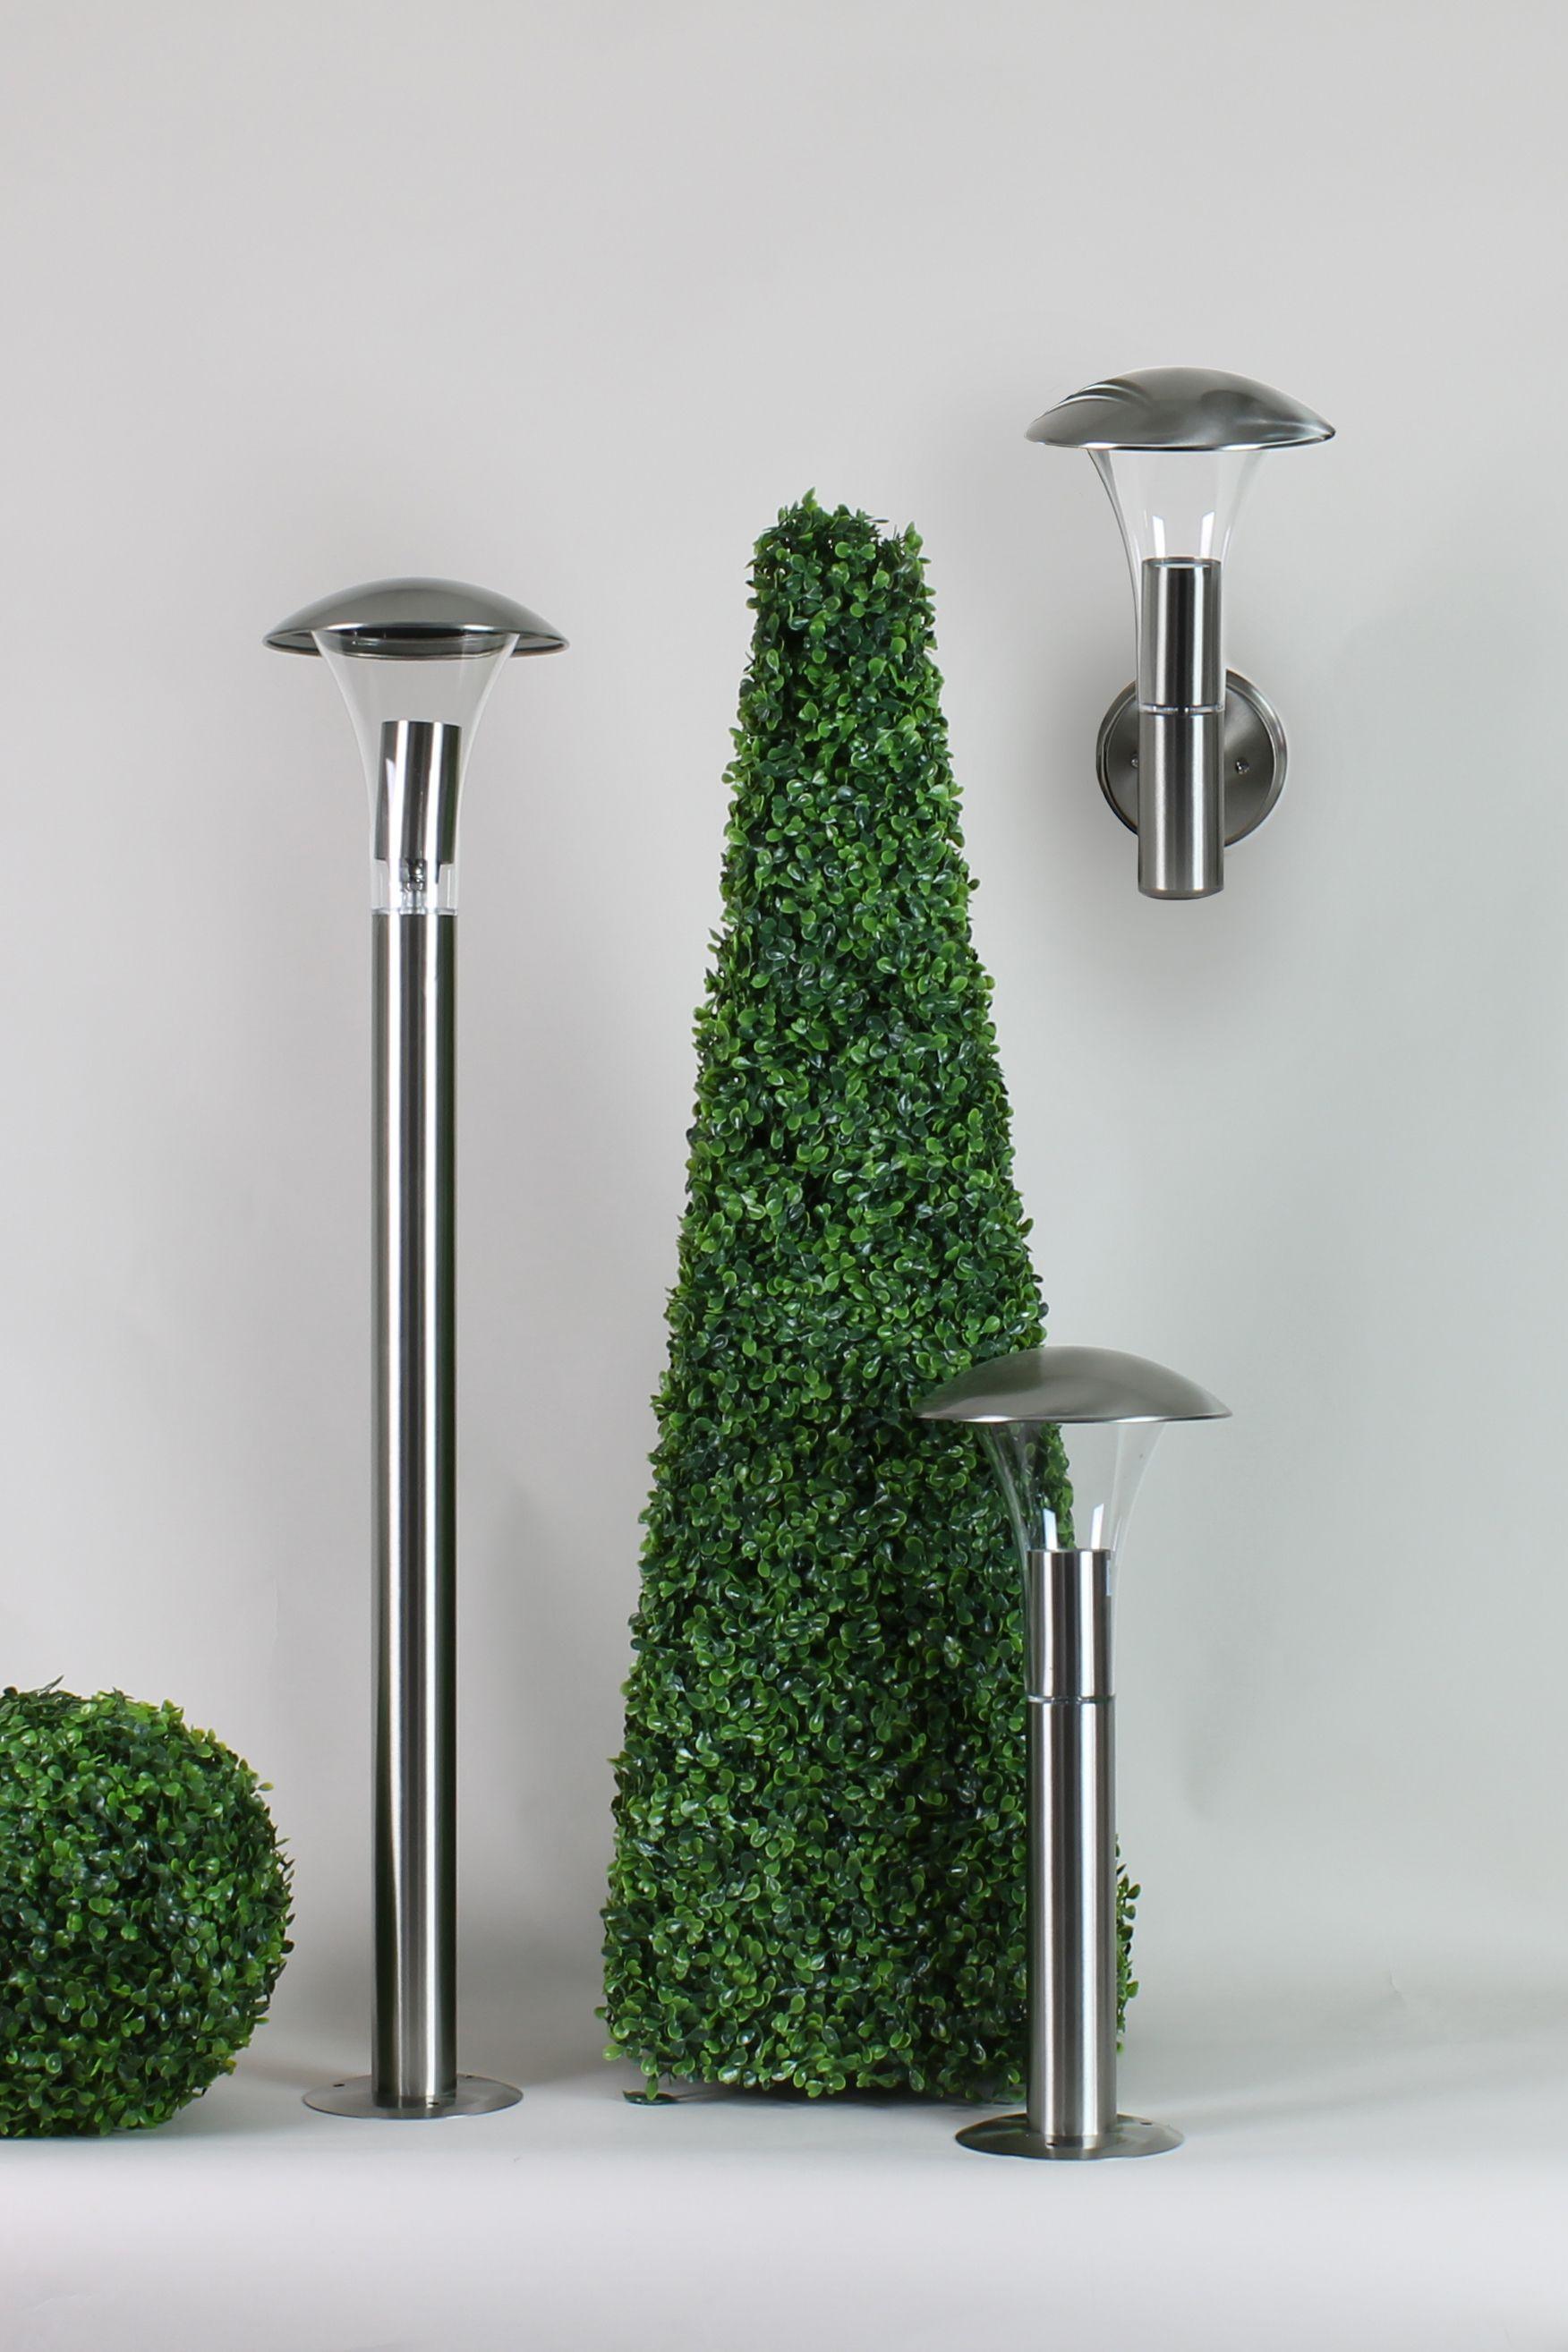 lampadaire borne potelet applique murale soir outdoor ext rieur dehors jardin terrasse. Black Bedroom Furniture Sets. Home Design Ideas